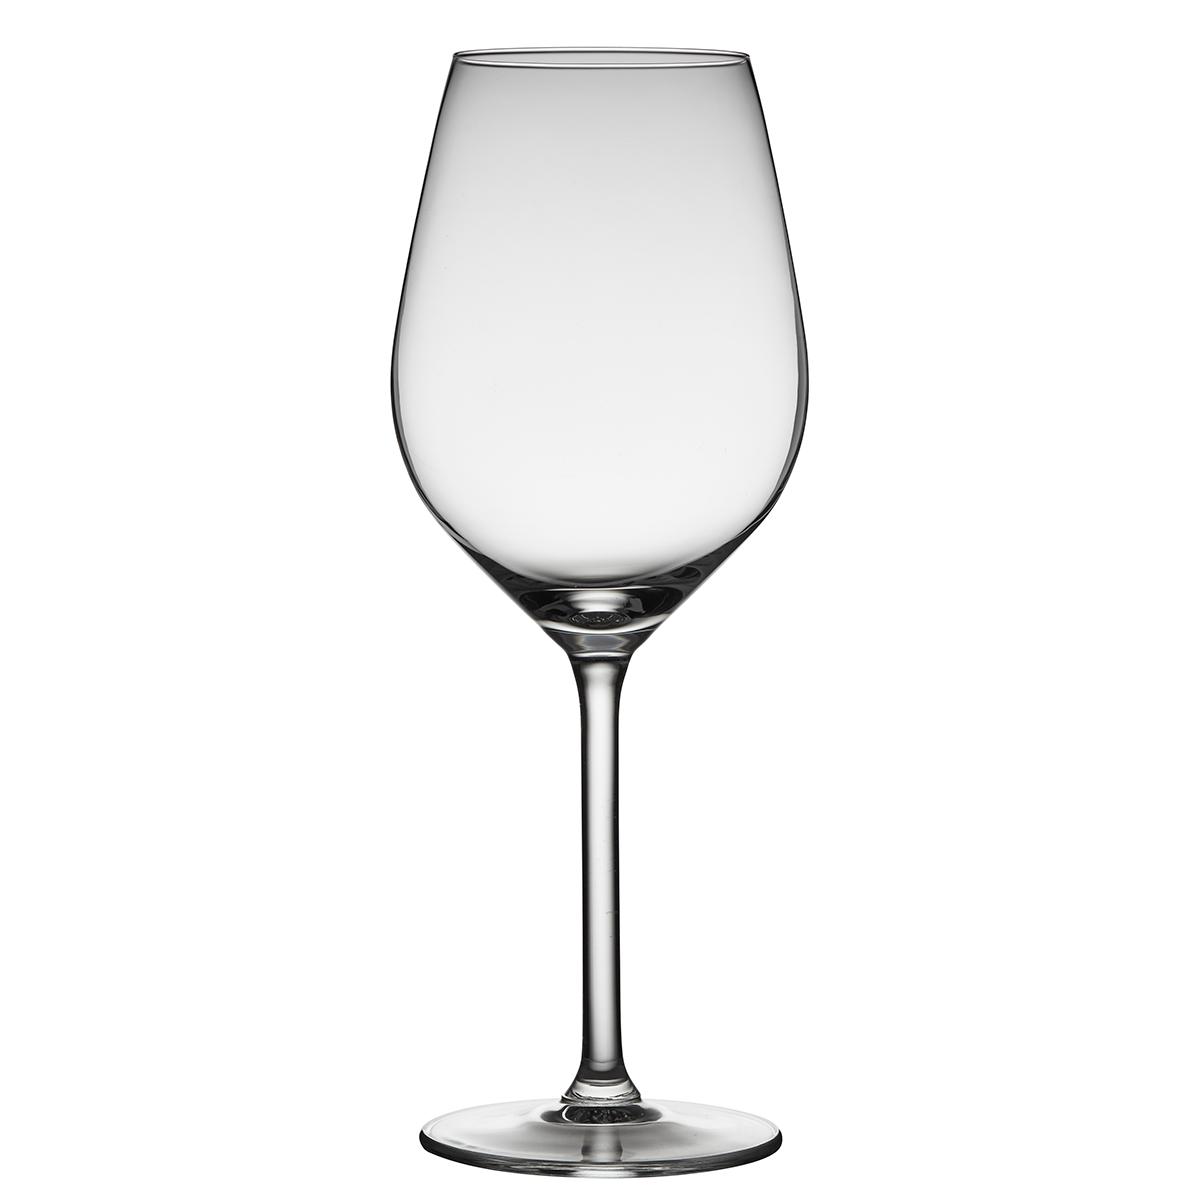 Billede af Lyngby rødvinsglas - Juvel - 4 stk.